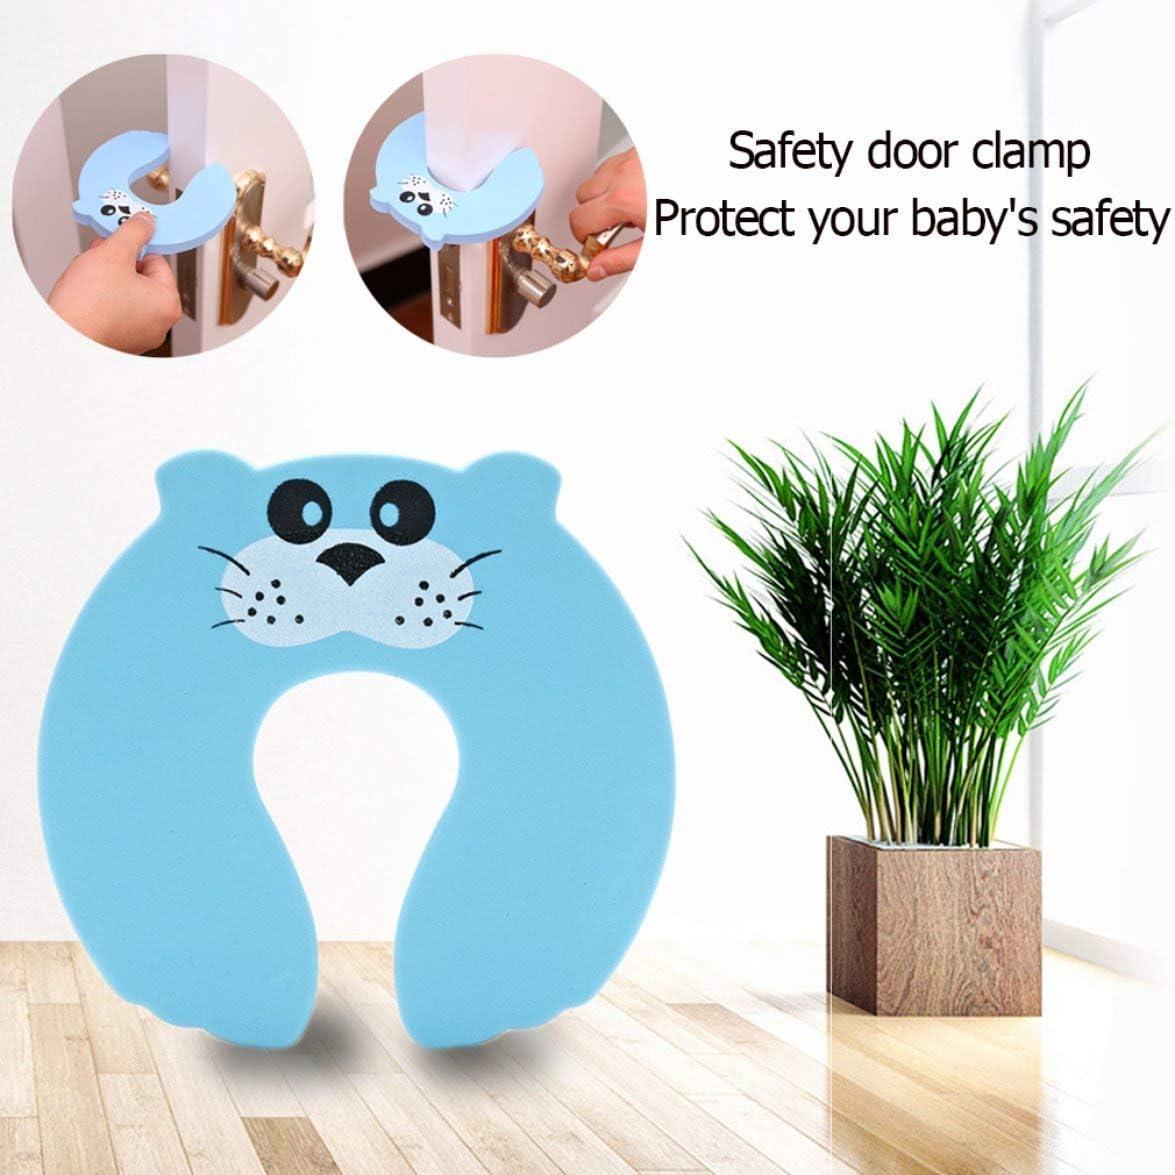 Sylvialuca 2Pcs Kids Baby Cartoon Animal Jammers Stop Door for Children Guards Door Stopper Holder lock Safety Finger Protector